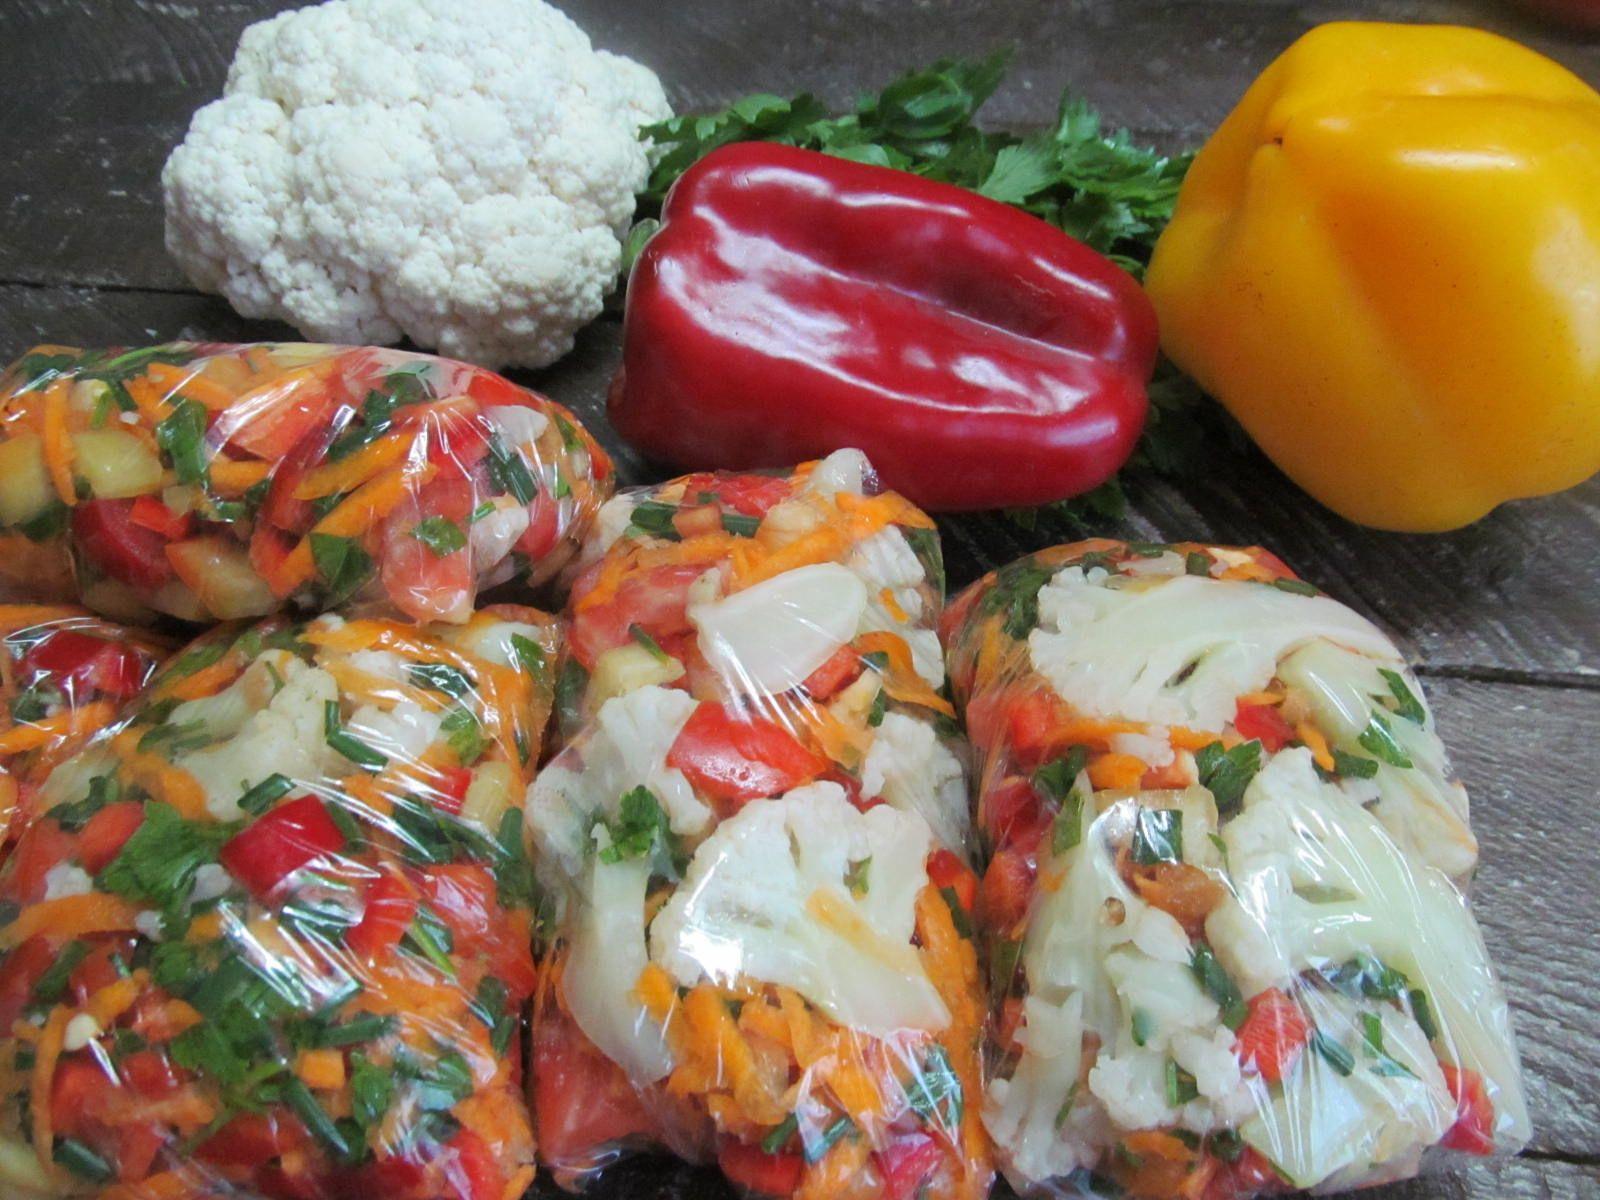 Заморозка овощей на зиму в домашних условиях - баклажаны, болгарский перец, брокколи